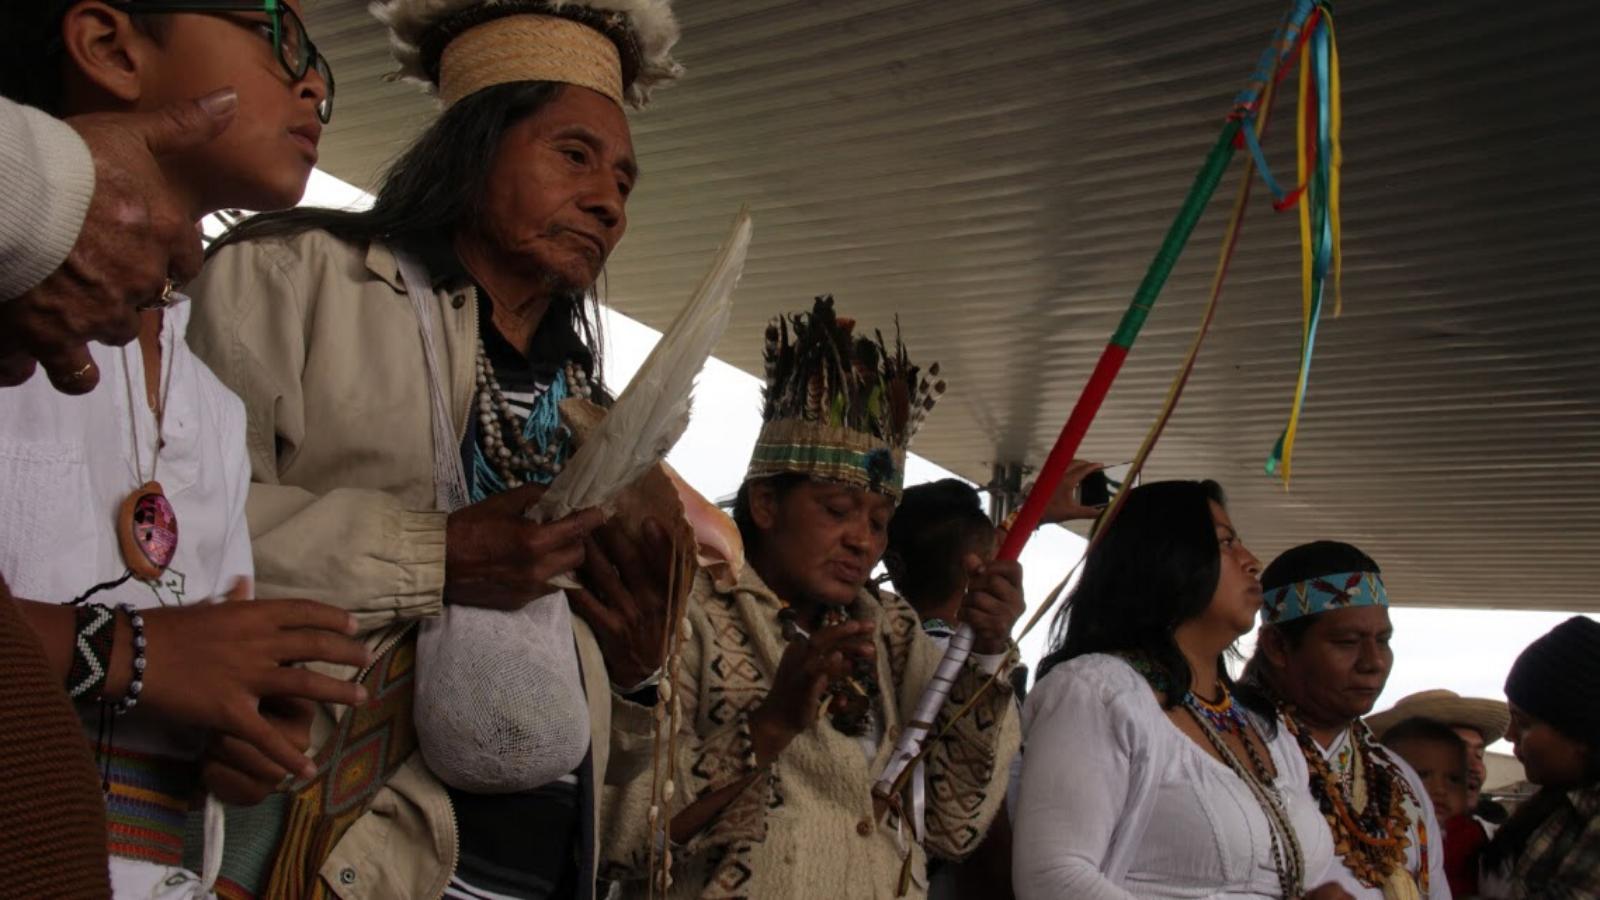 historias//indigenas-radican-propuesta-antocovid-para-ser-incluida-en-plan-de-desarrollo-de-bogota-